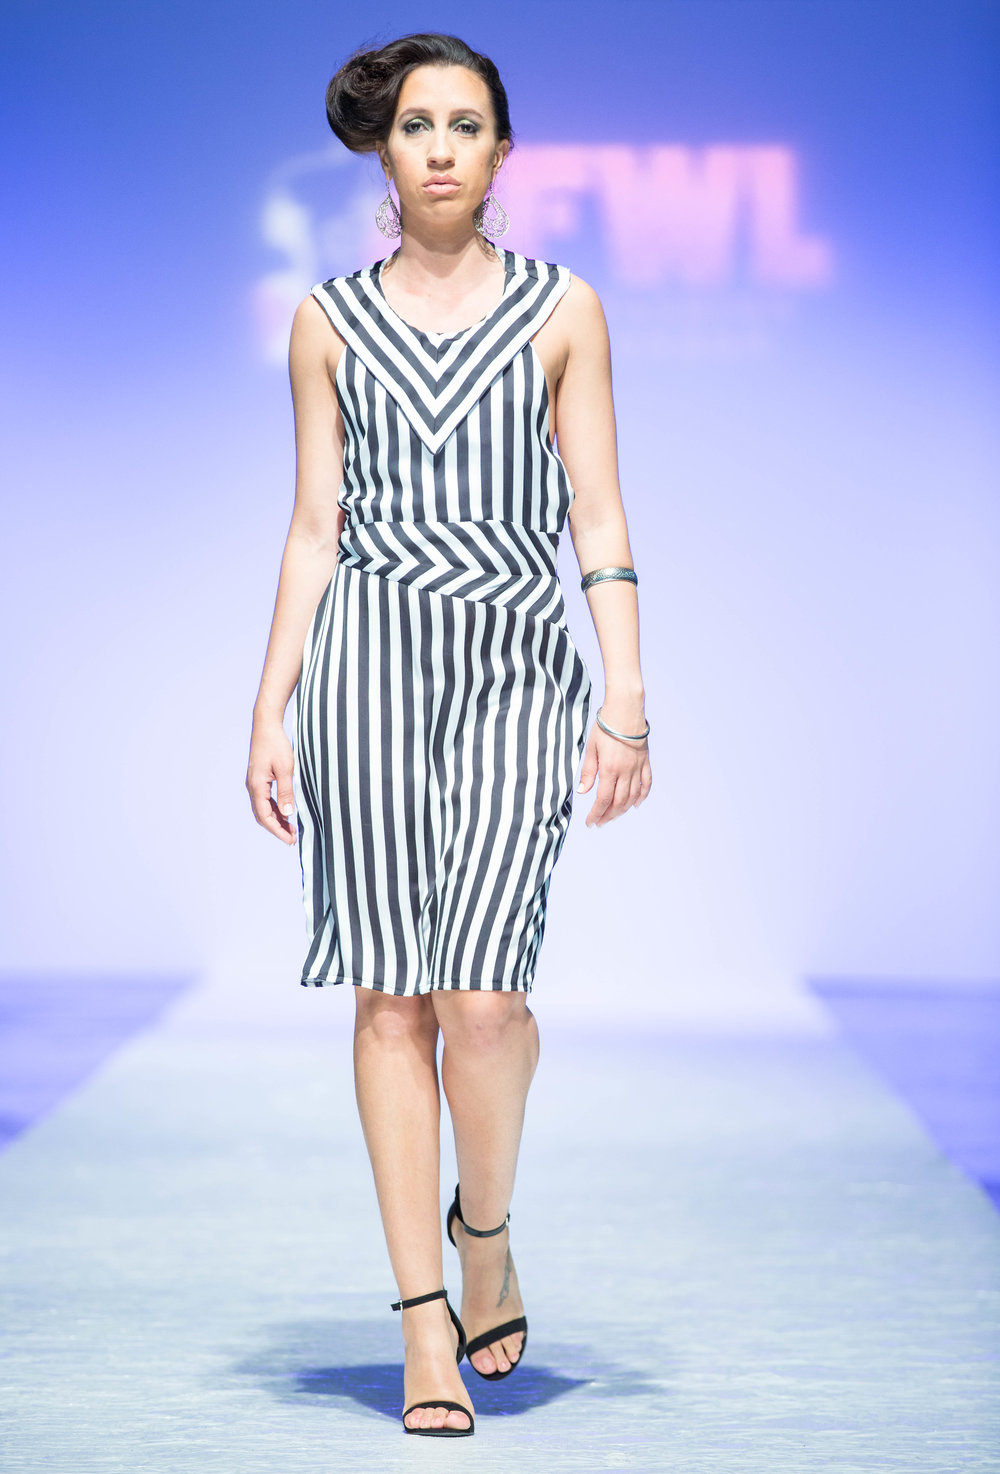 Jaua-Joanna Mitroi Photography 0363.jpg